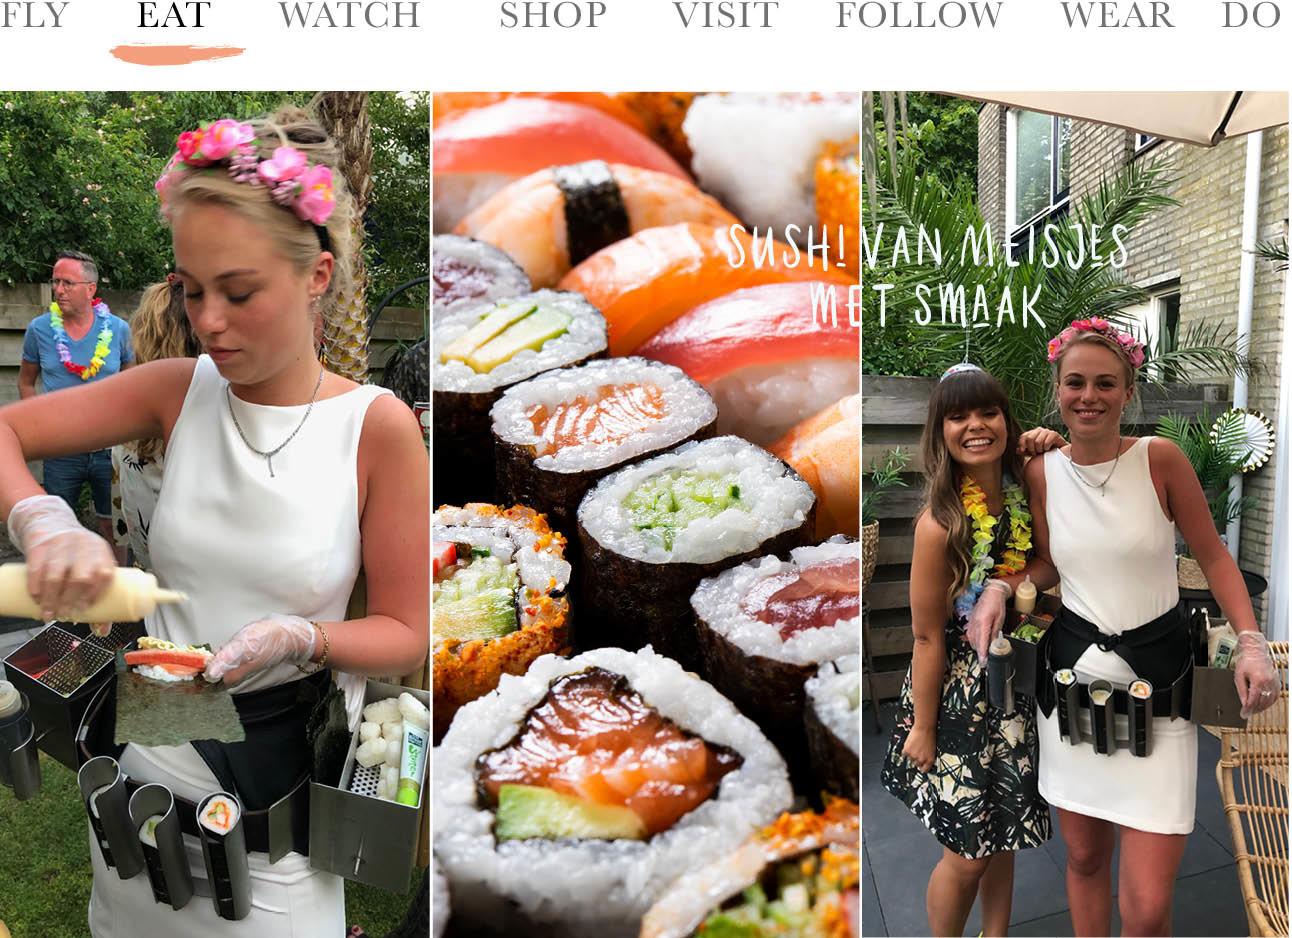 meisjes met smaak, sushi, kiki tiki party